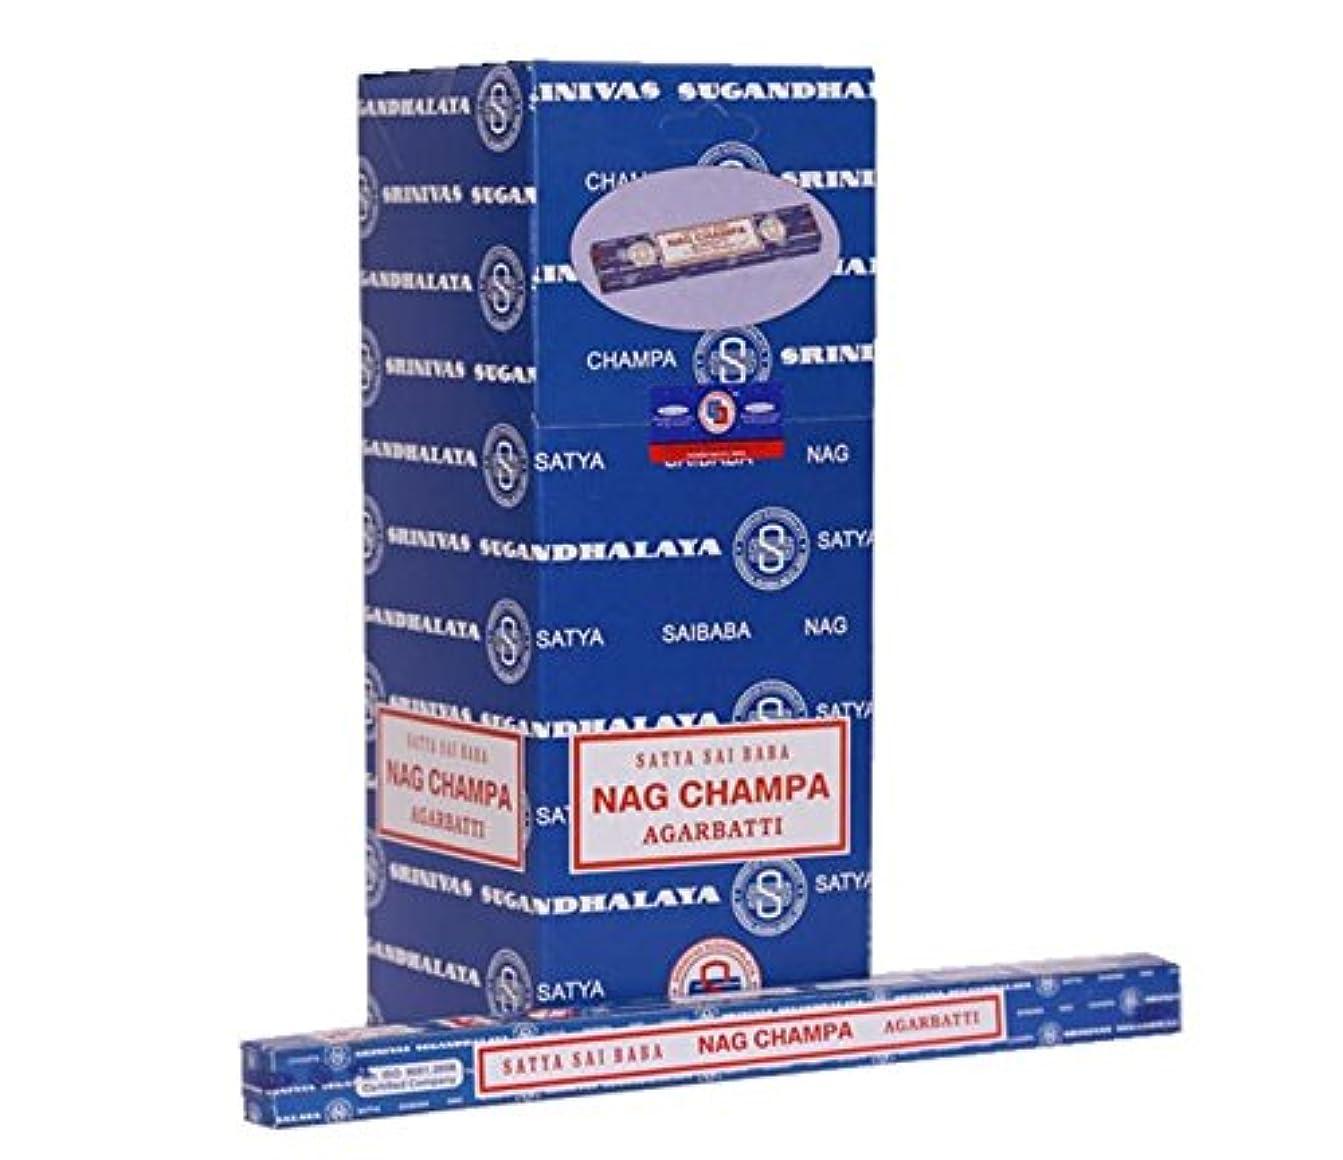 本物谷放課後SAI BABA Nag Champa Satyaお香250グラム| 25パックの10グラム各in aボックス|エクスポート品質